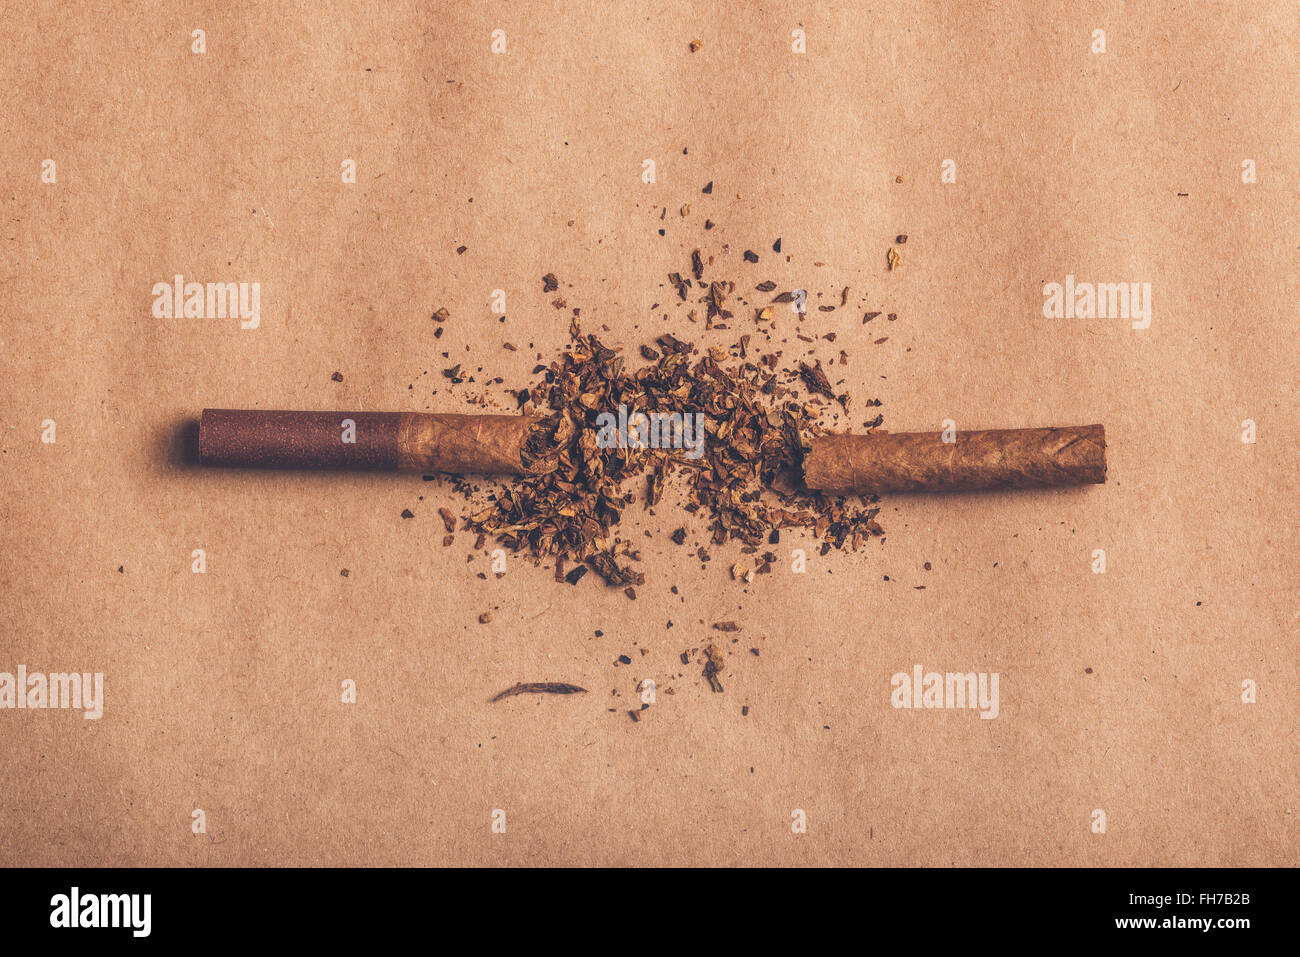 Arrêter de fumer la cigarette cassée, concept, vue de dessus ton image rétro chaud. Photo Stock